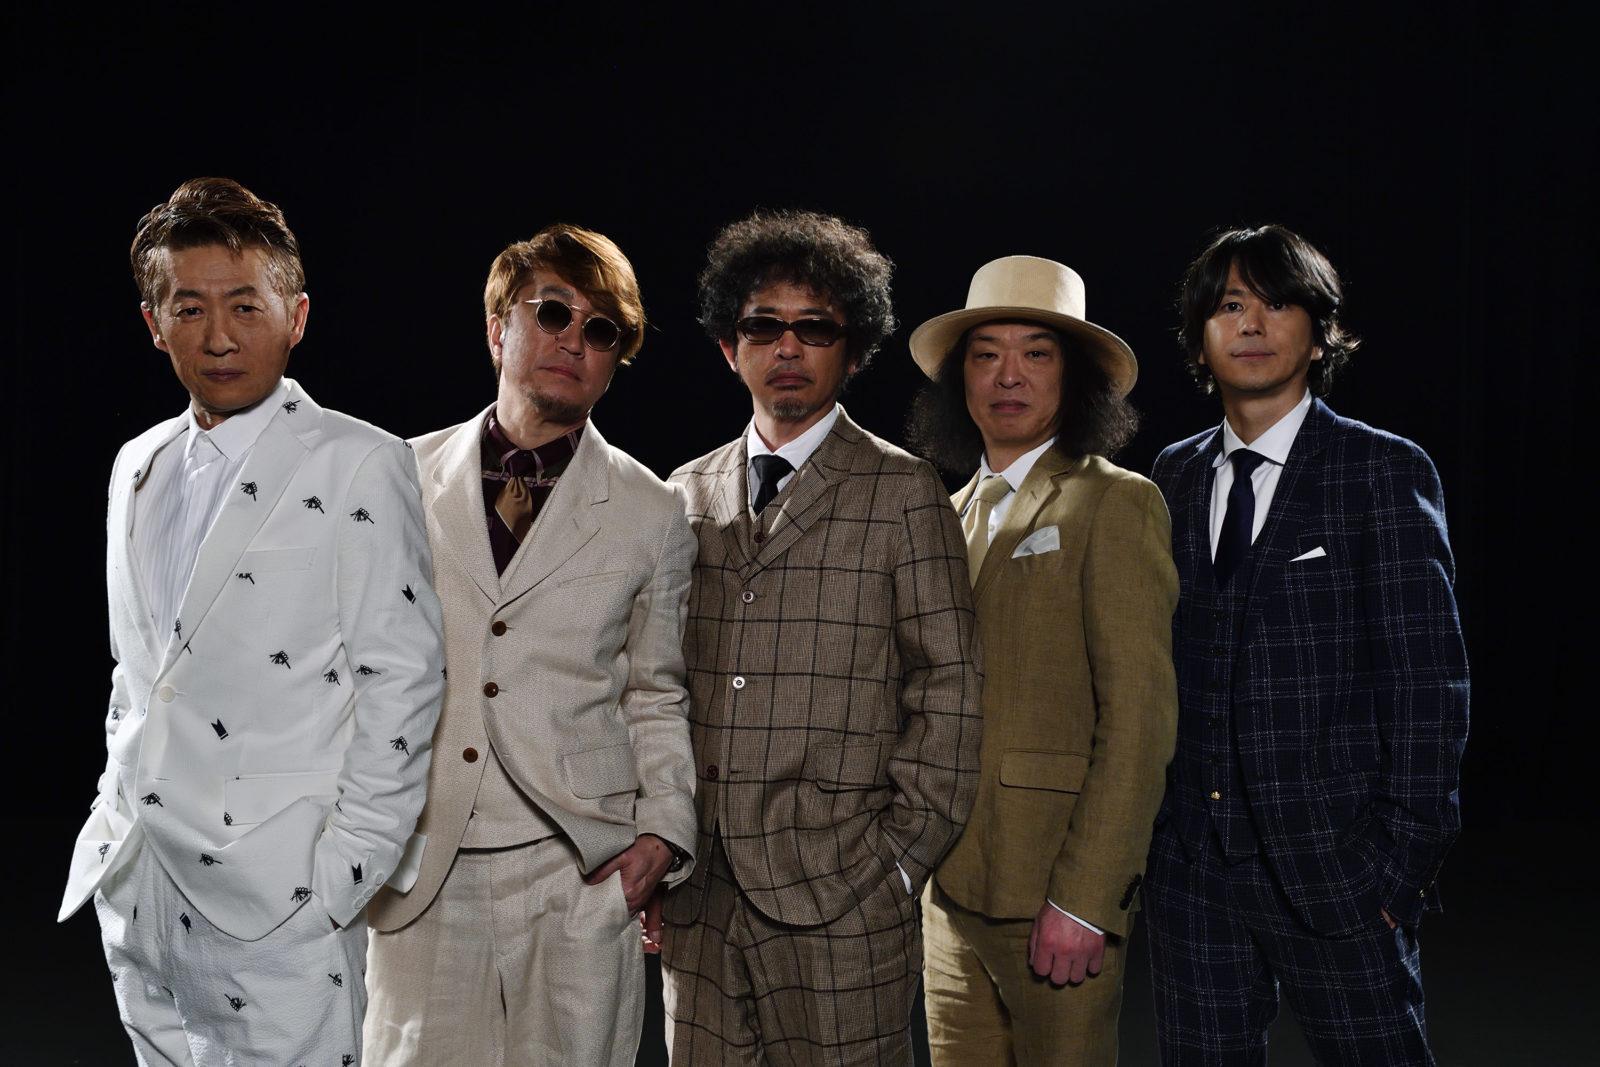 ユニコーン、すかんち、崎山蒼志らも参戦!9月24日開催「SHINKIBA JUNCTION」サムネイル画像